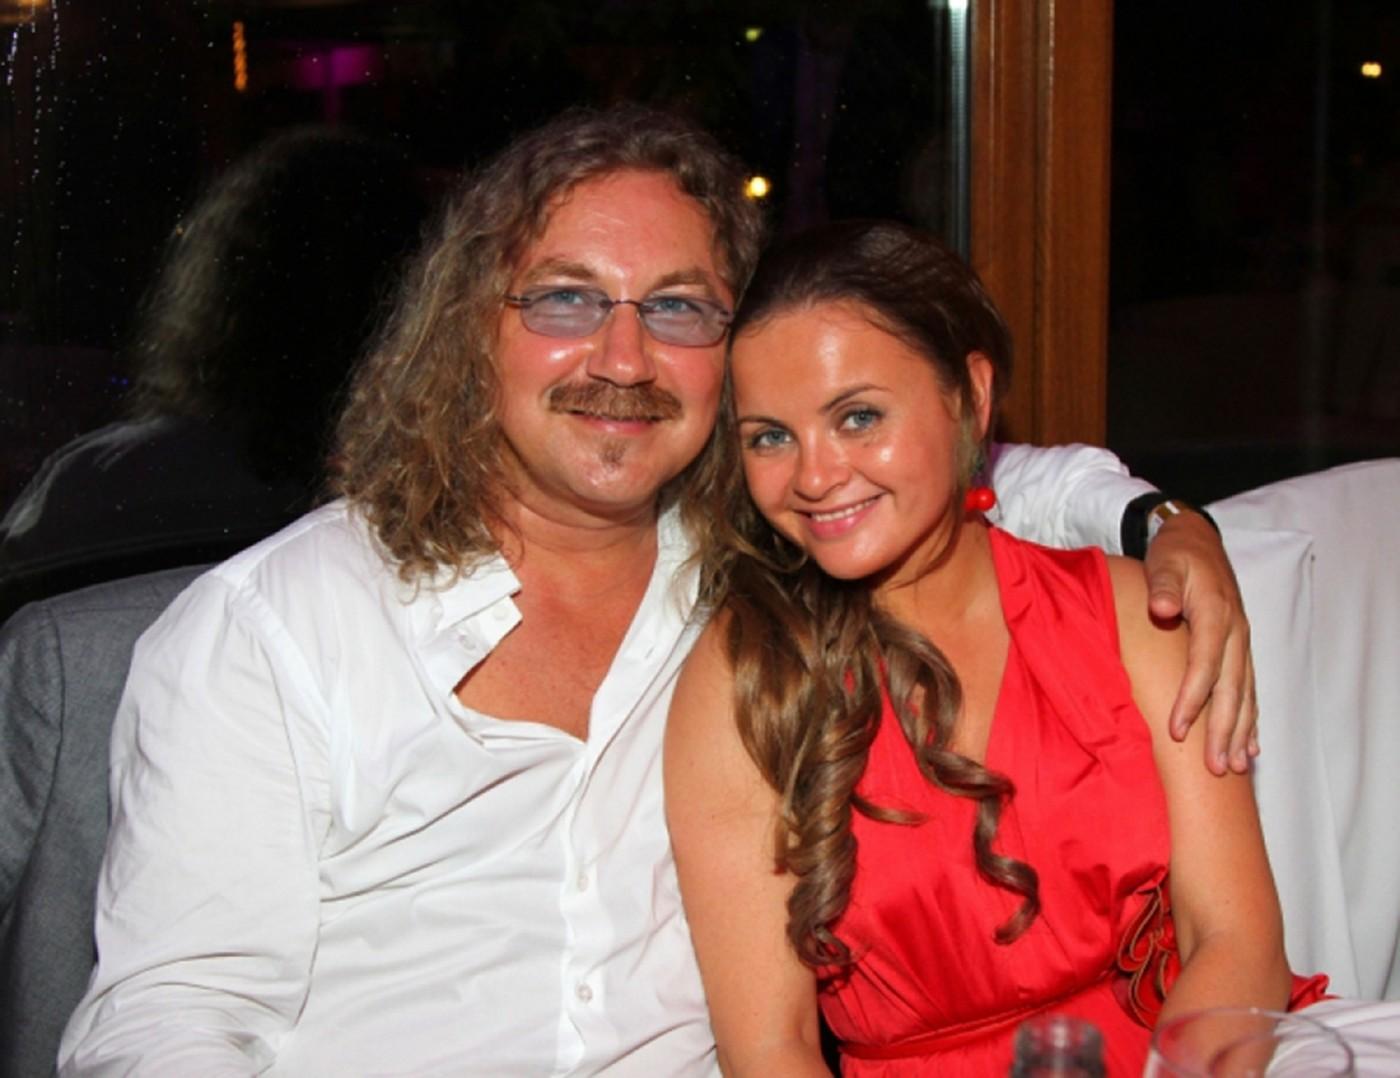 Очередной скандал в семье Игоря Николаева. Артист выгнал жену с ребенком на улицу